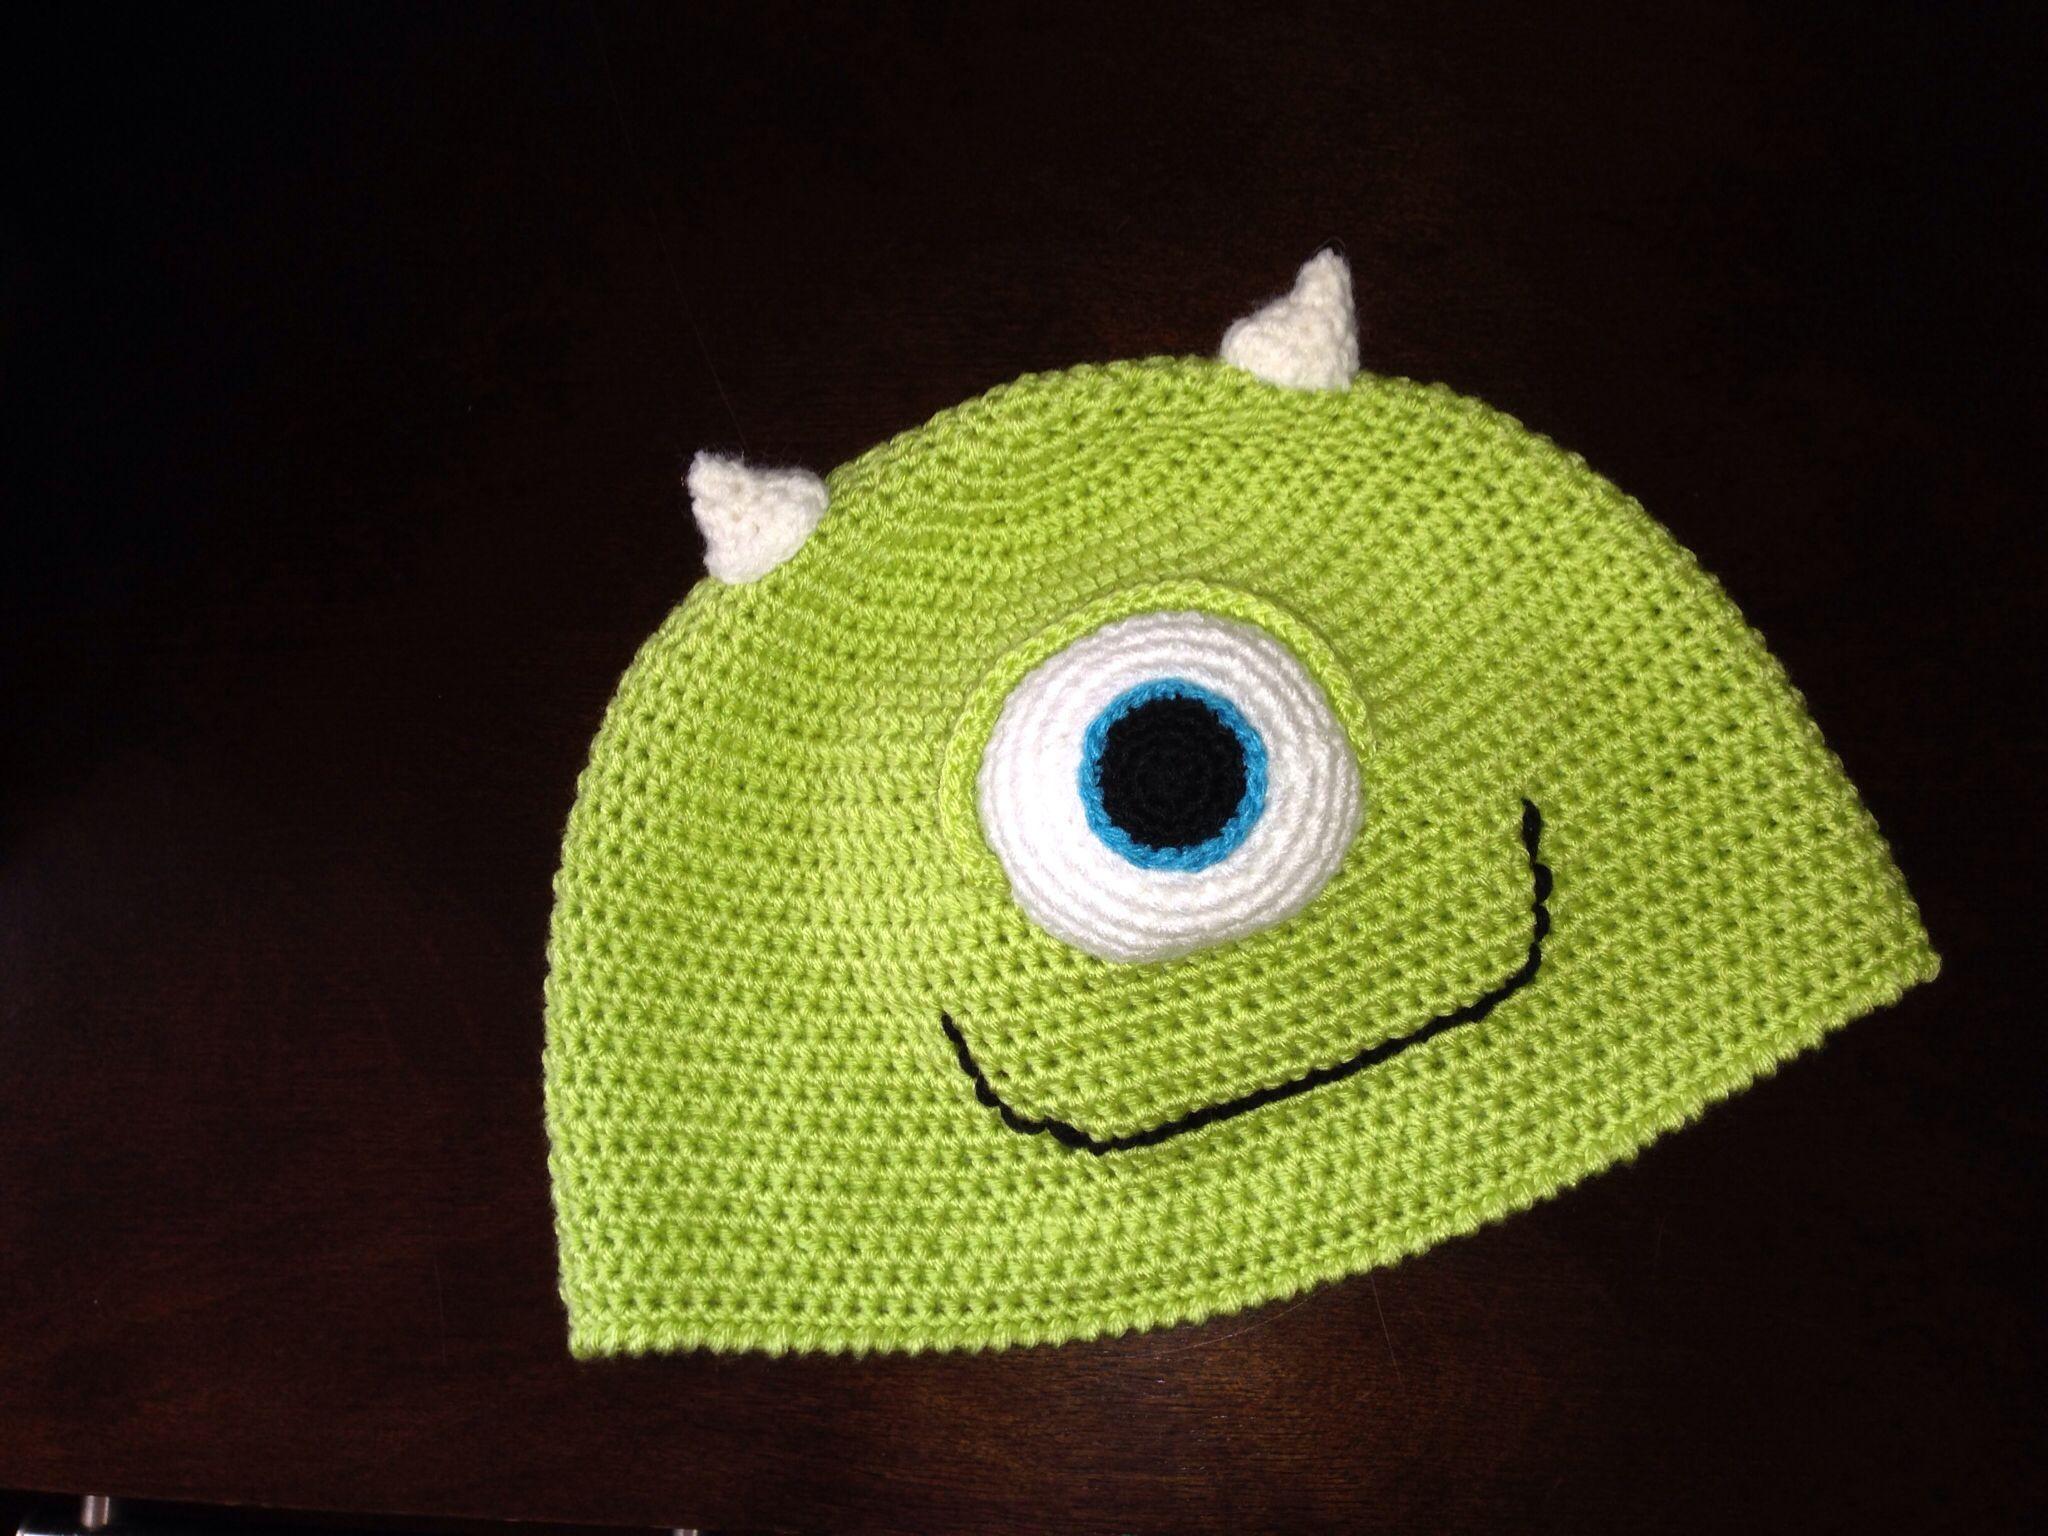 Mike Wazowisk hat. Monsters Co. Crochet hat.